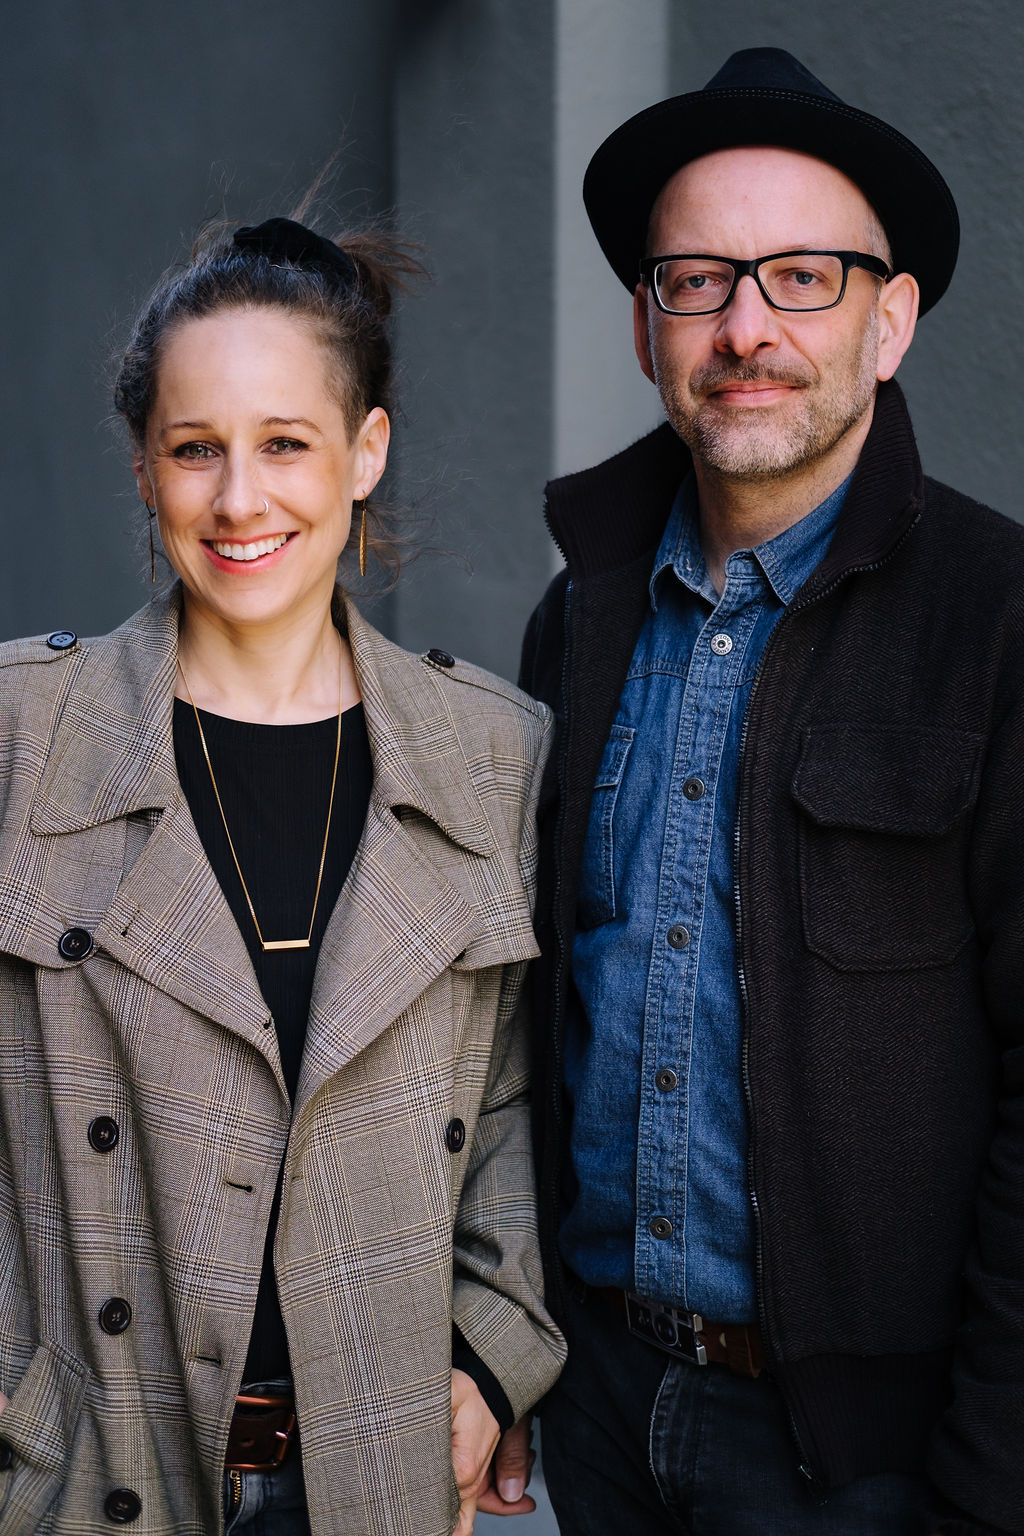 Fotografenpaar lächelt in die Kamera